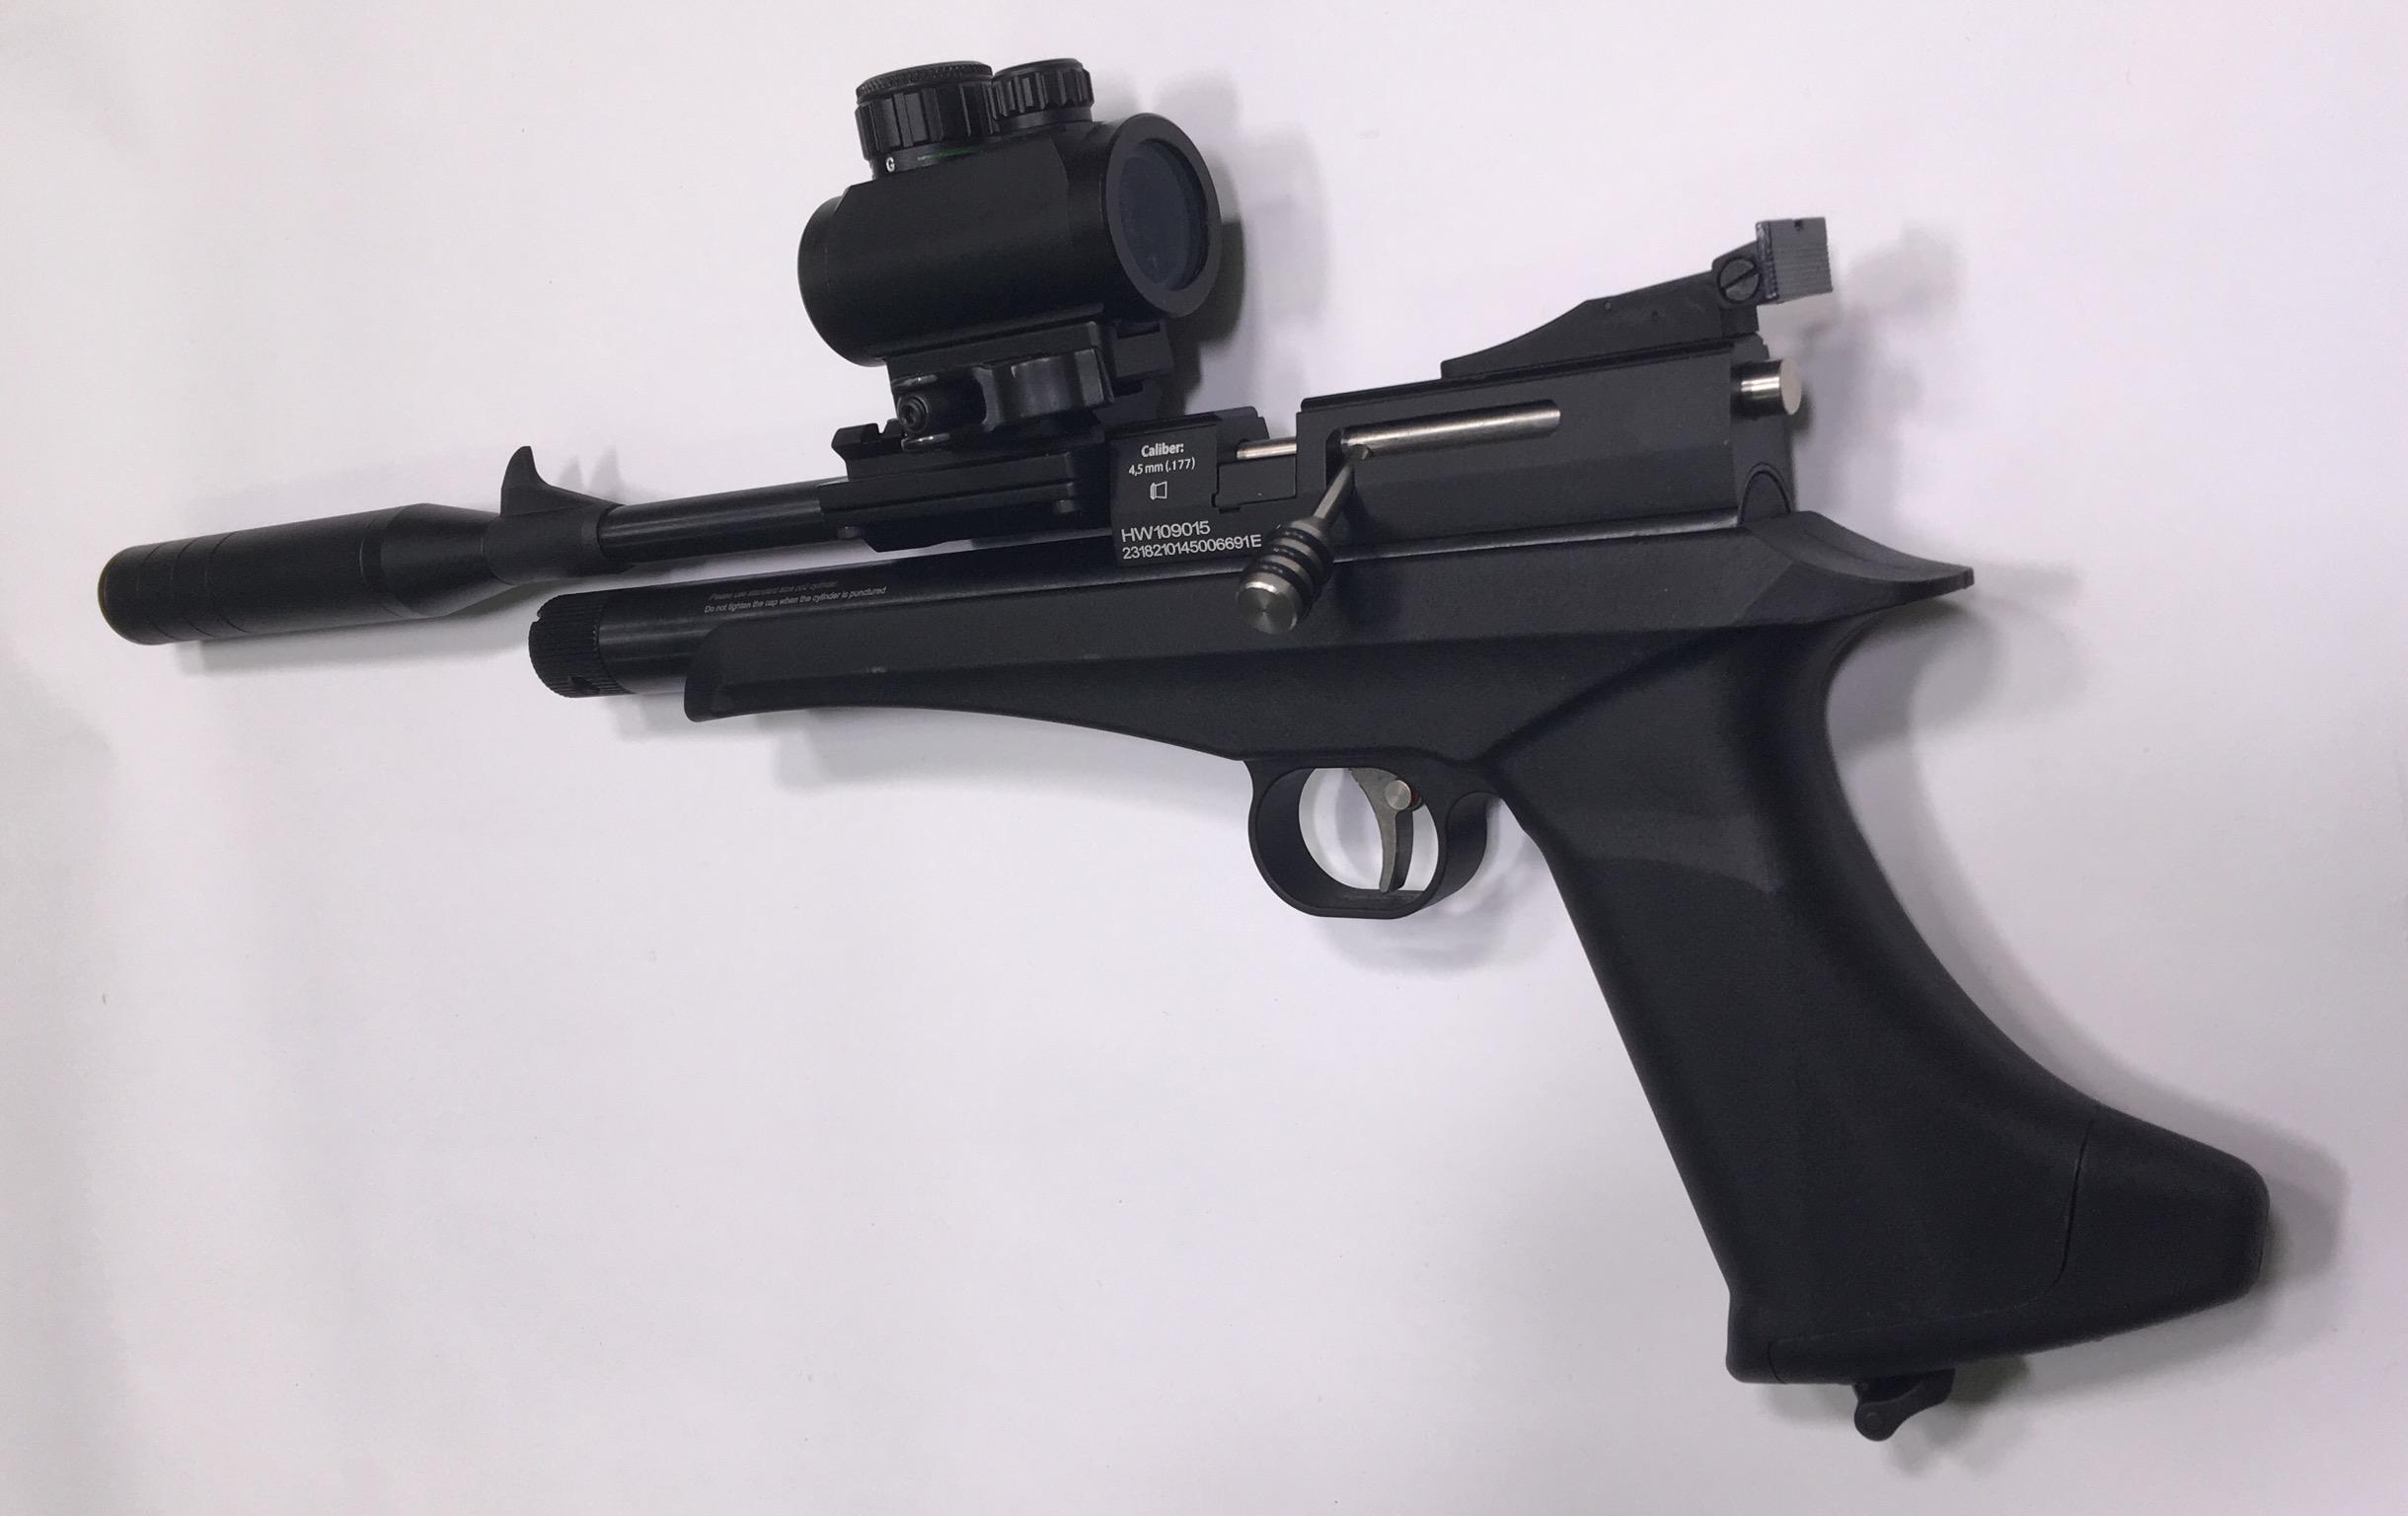 Auch für die Diana Chaser kann ich Ihnen ein passendes Leuchtpunktvisier anbieten. Wenn Sie mir die Anbauteile im Wert von rund 89 € bezahlen, würde ich Ihnen diese Waffe damit eingeschossen liefern.